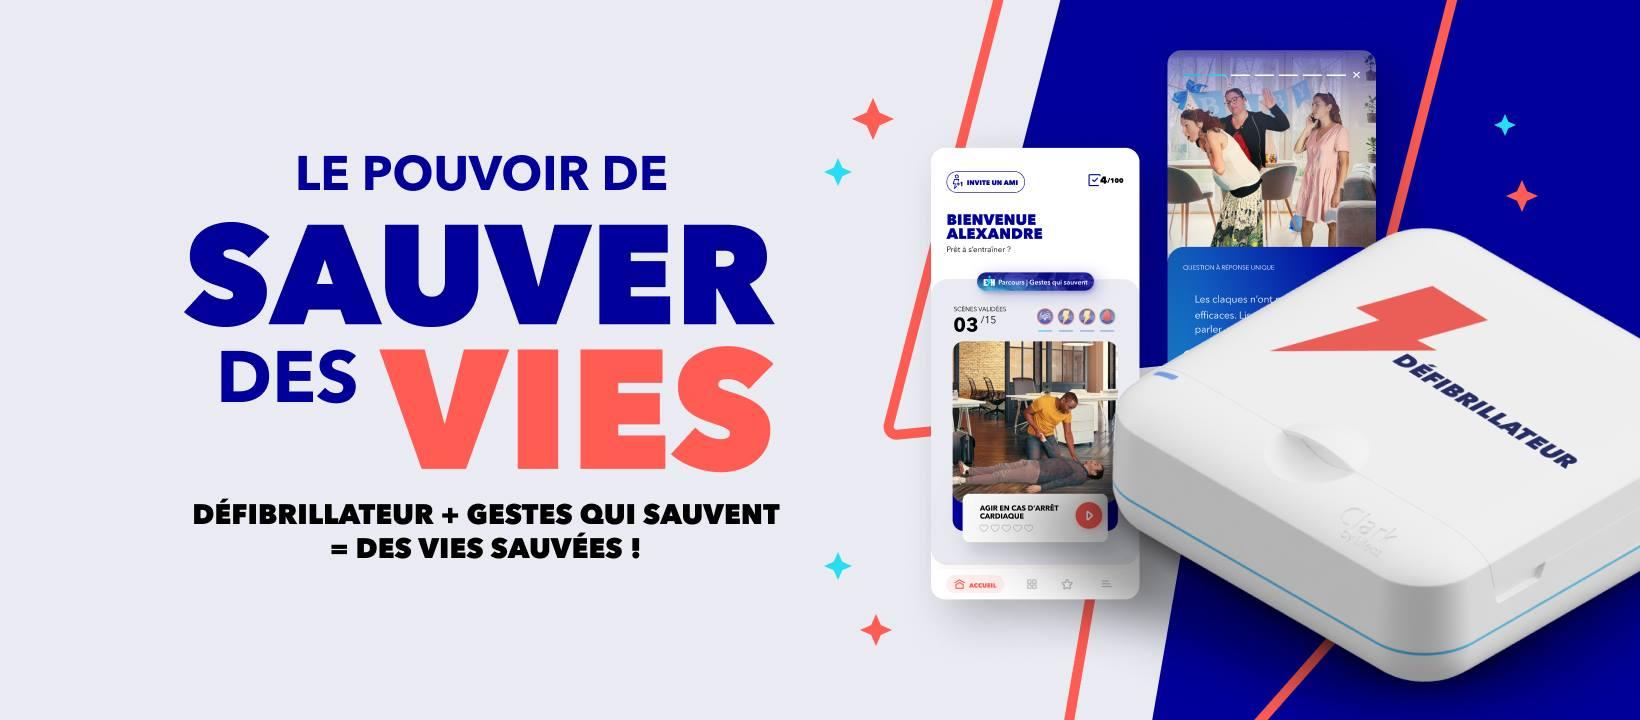 Apprenez à sauver des vies sur everydayheroes.fr